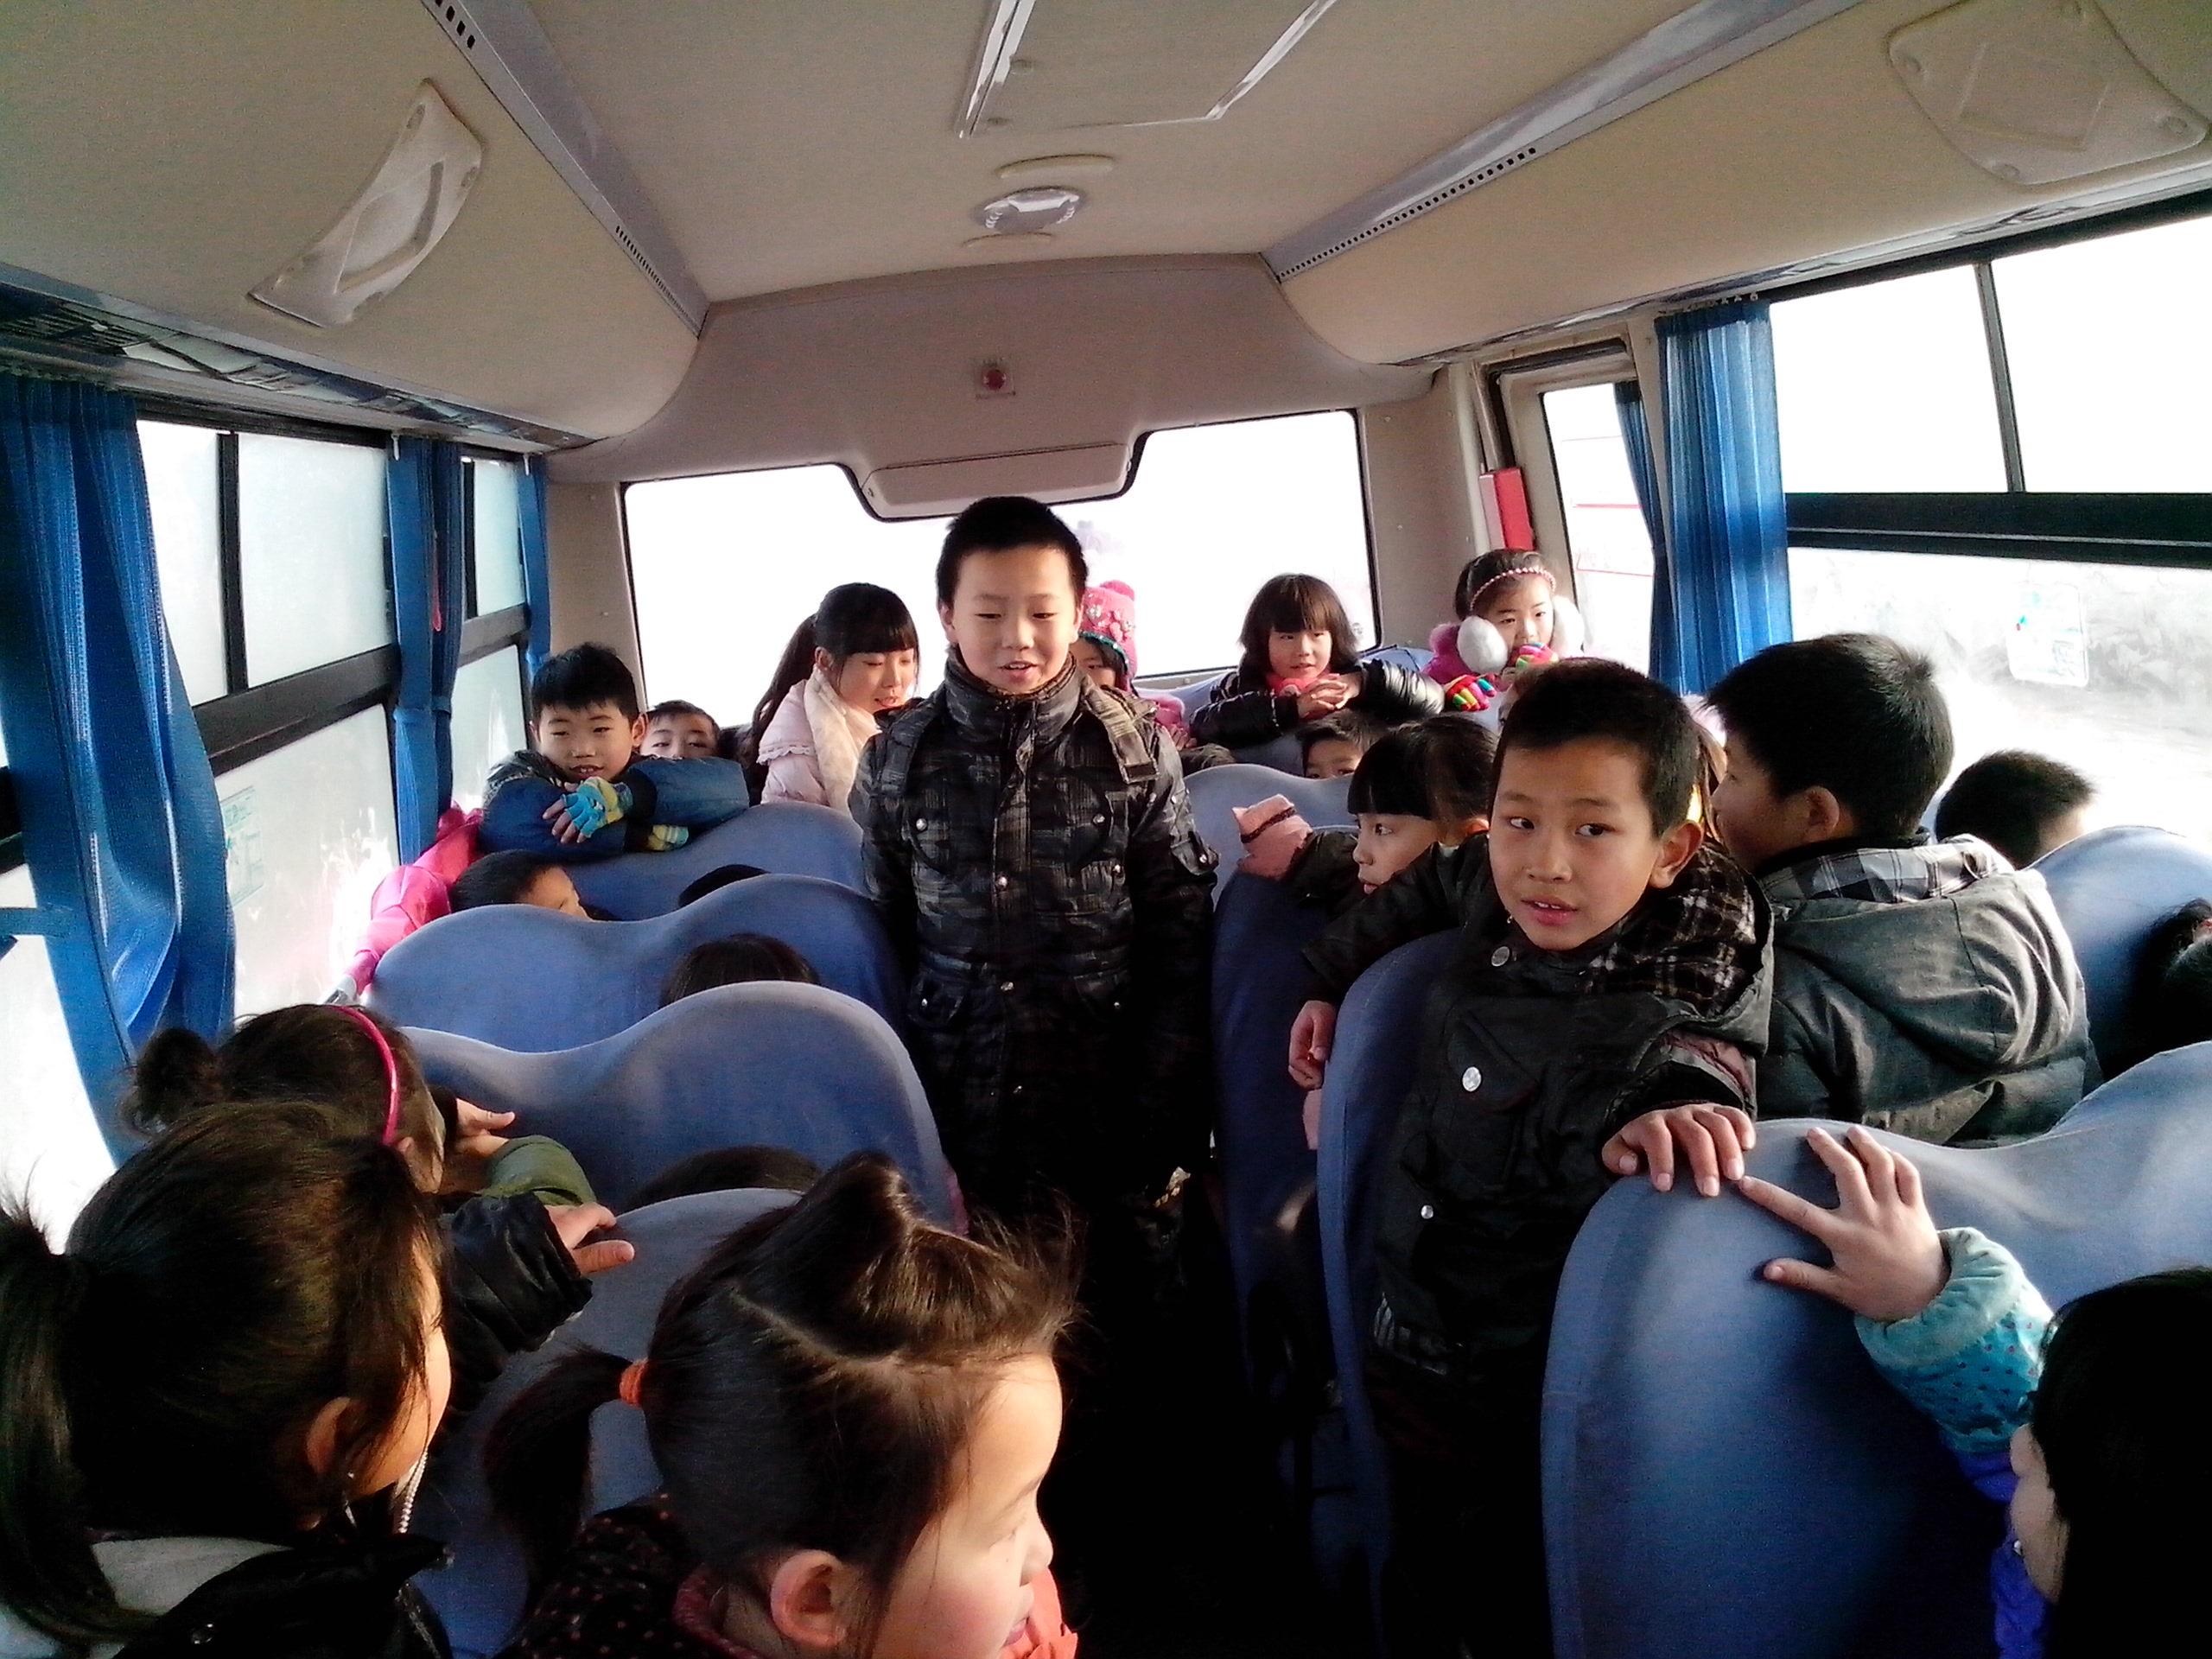 参观飞机场 - 2014年少年儿童媒介素养教育活动